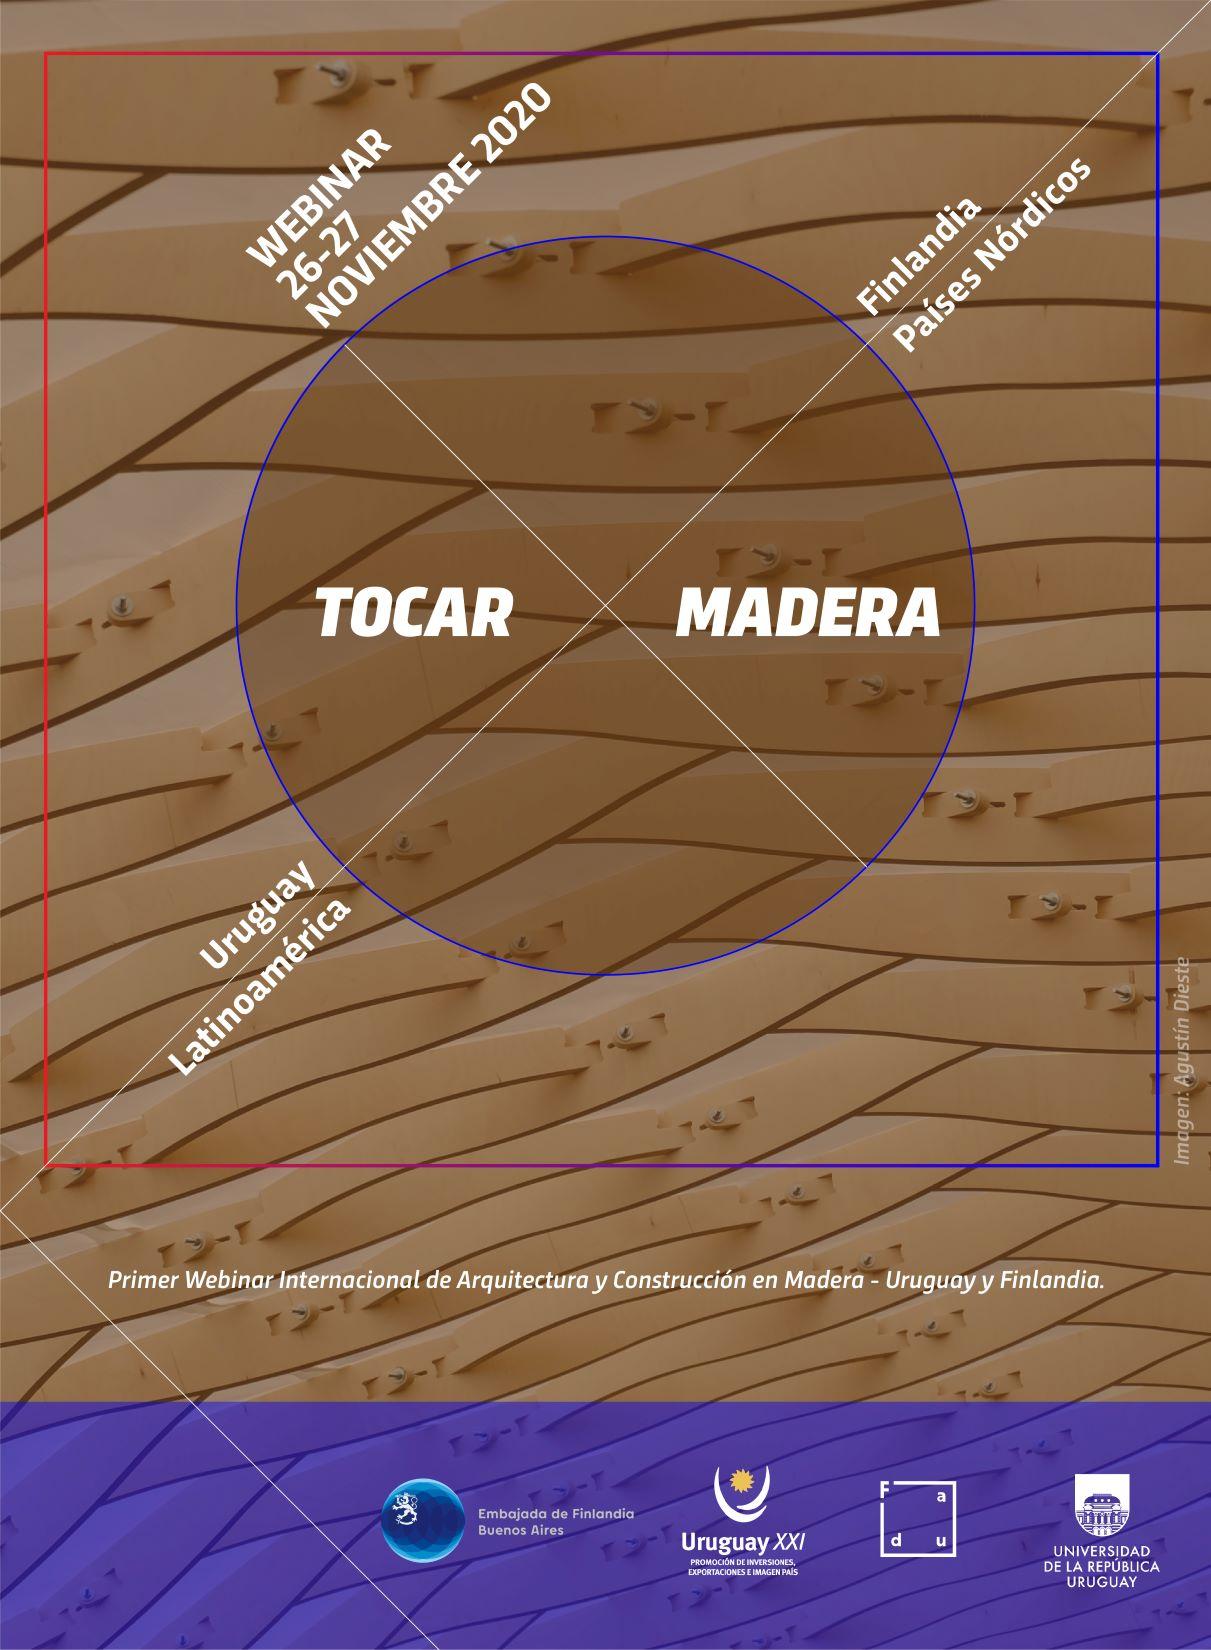 Tocar Madera - Primer Webinar internacional de arquitectura y construcción en madera entre Uruguay y Finlandia. 26 – y 27 de Noviembre